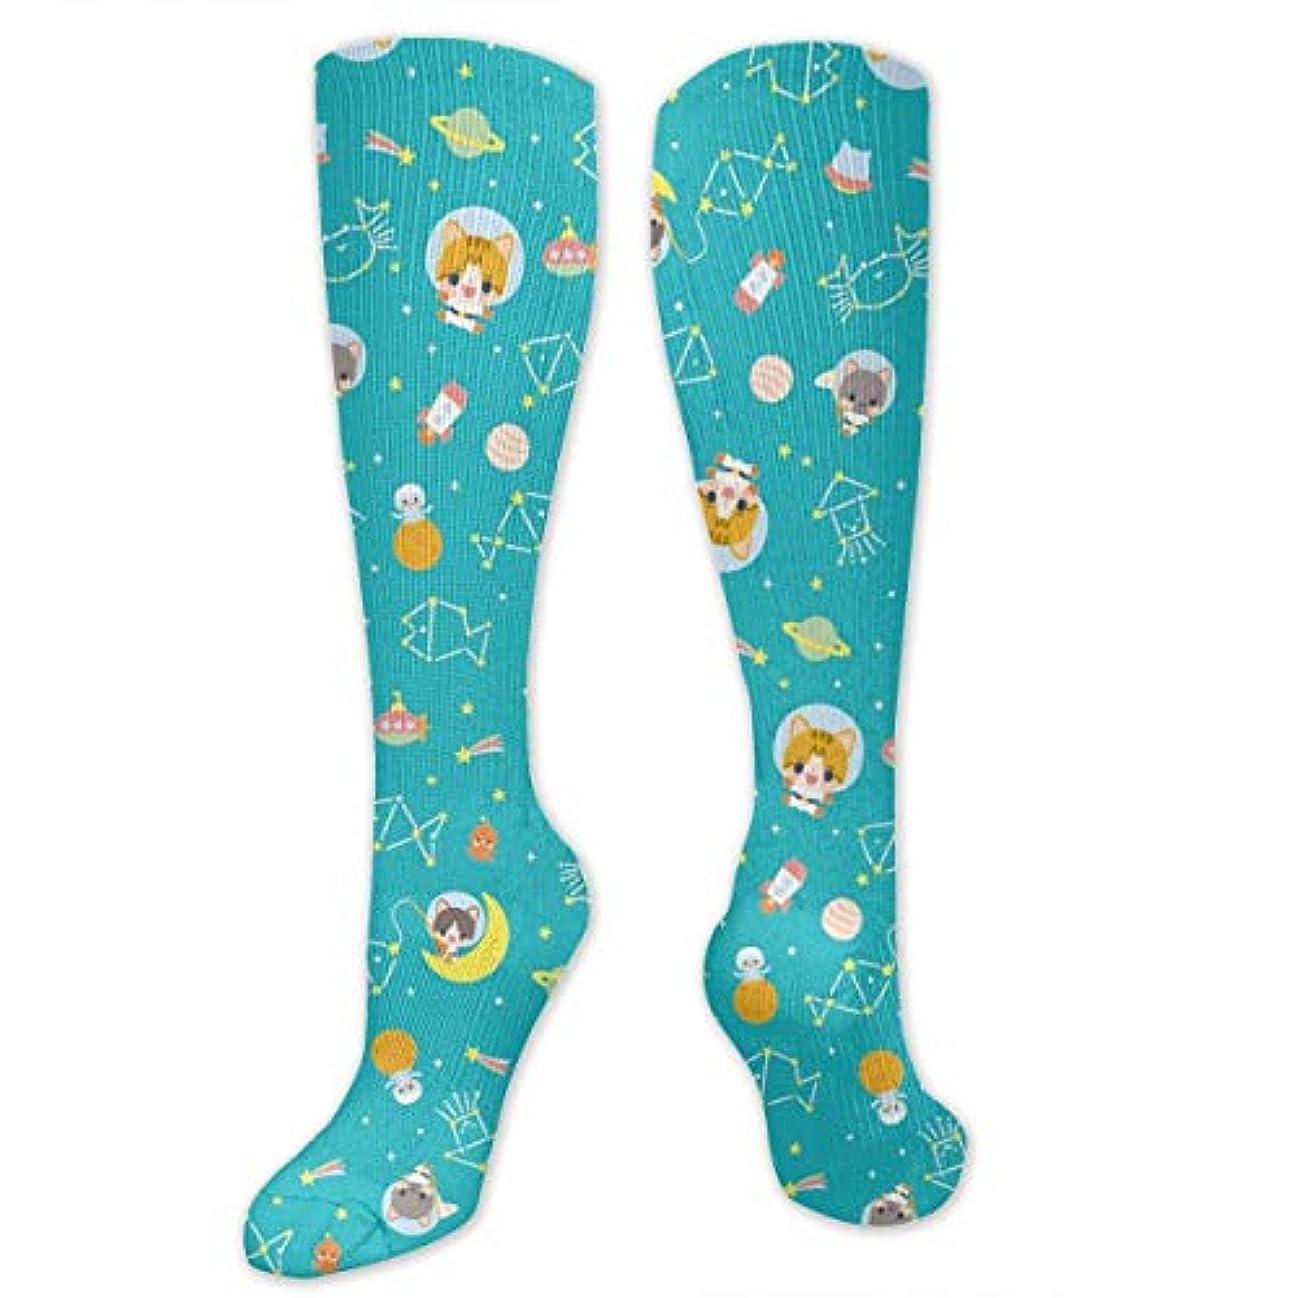 アンペアマーガレットミッチェル宗教的な靴下,ストッキング,野生のジョーカー,実際,秋の本質,冬必須,サマーウェア&RBXAA Cartoon Characters Stand On The Moon Socks Women's Winter Cotton Long...